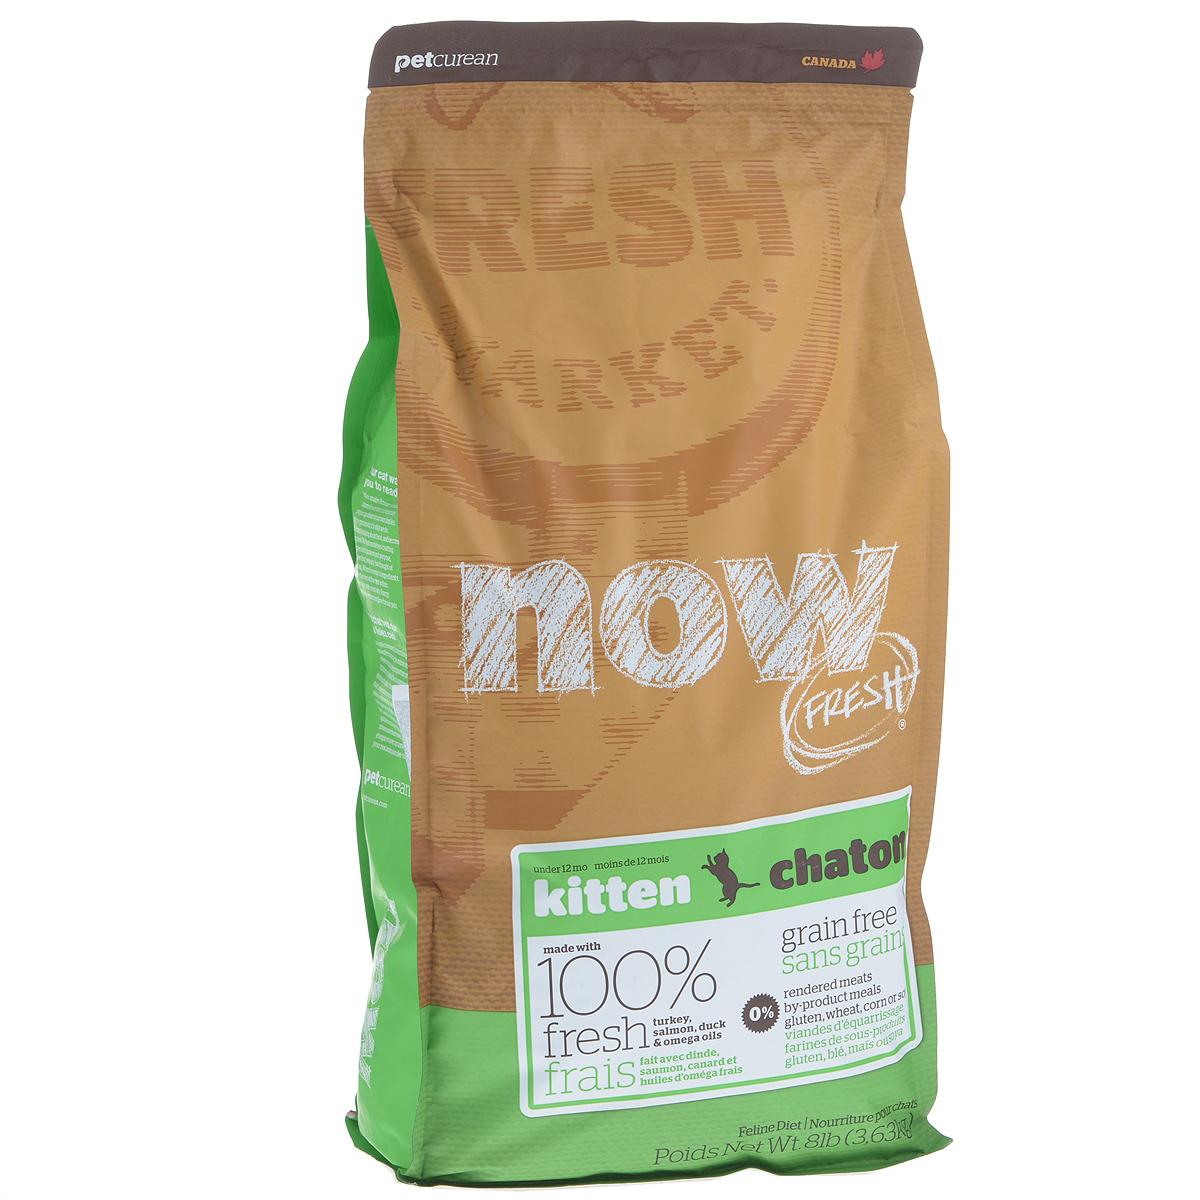 Корм сухой Now Fresh для котят, беззерновой, с индейкой, уткой и овощами, 3,63 кг20040Now Fresh - полностью сбалансированный холистик корм для котят с 5 недели до 1 года из свежего филе индейки, лосося и утки, выращенных на канадских фермах.Также корм подходит беременным и кормящим кошкам. При производстве кормов используется только свежее мясо индейки, утки, лосося, кокосовое и рапсовое масло. Ключевые преимущества: - полностью беззерновой, - не содержит субпродуктов, красителей, говядины, мясных ингредиентов, выращенных на гормонах, - наличие всех питательных компонентов для правильного развития костей и суставов, - оптимальное соотношение белков и жиров помогает кошек оставаться здоровым и сохранять отличную форму, - докозагексаеновая кислота (DHA) и эйкозапентаеновая кислота (EPA) необходима для нормальной деятельности мозга и здорового зрения, - пробиотики и пребиотики обеспечивают здоровое пищеварение, - таурин необходим для здоровья глаз и нормального функционирования сердечной мышцы, -...